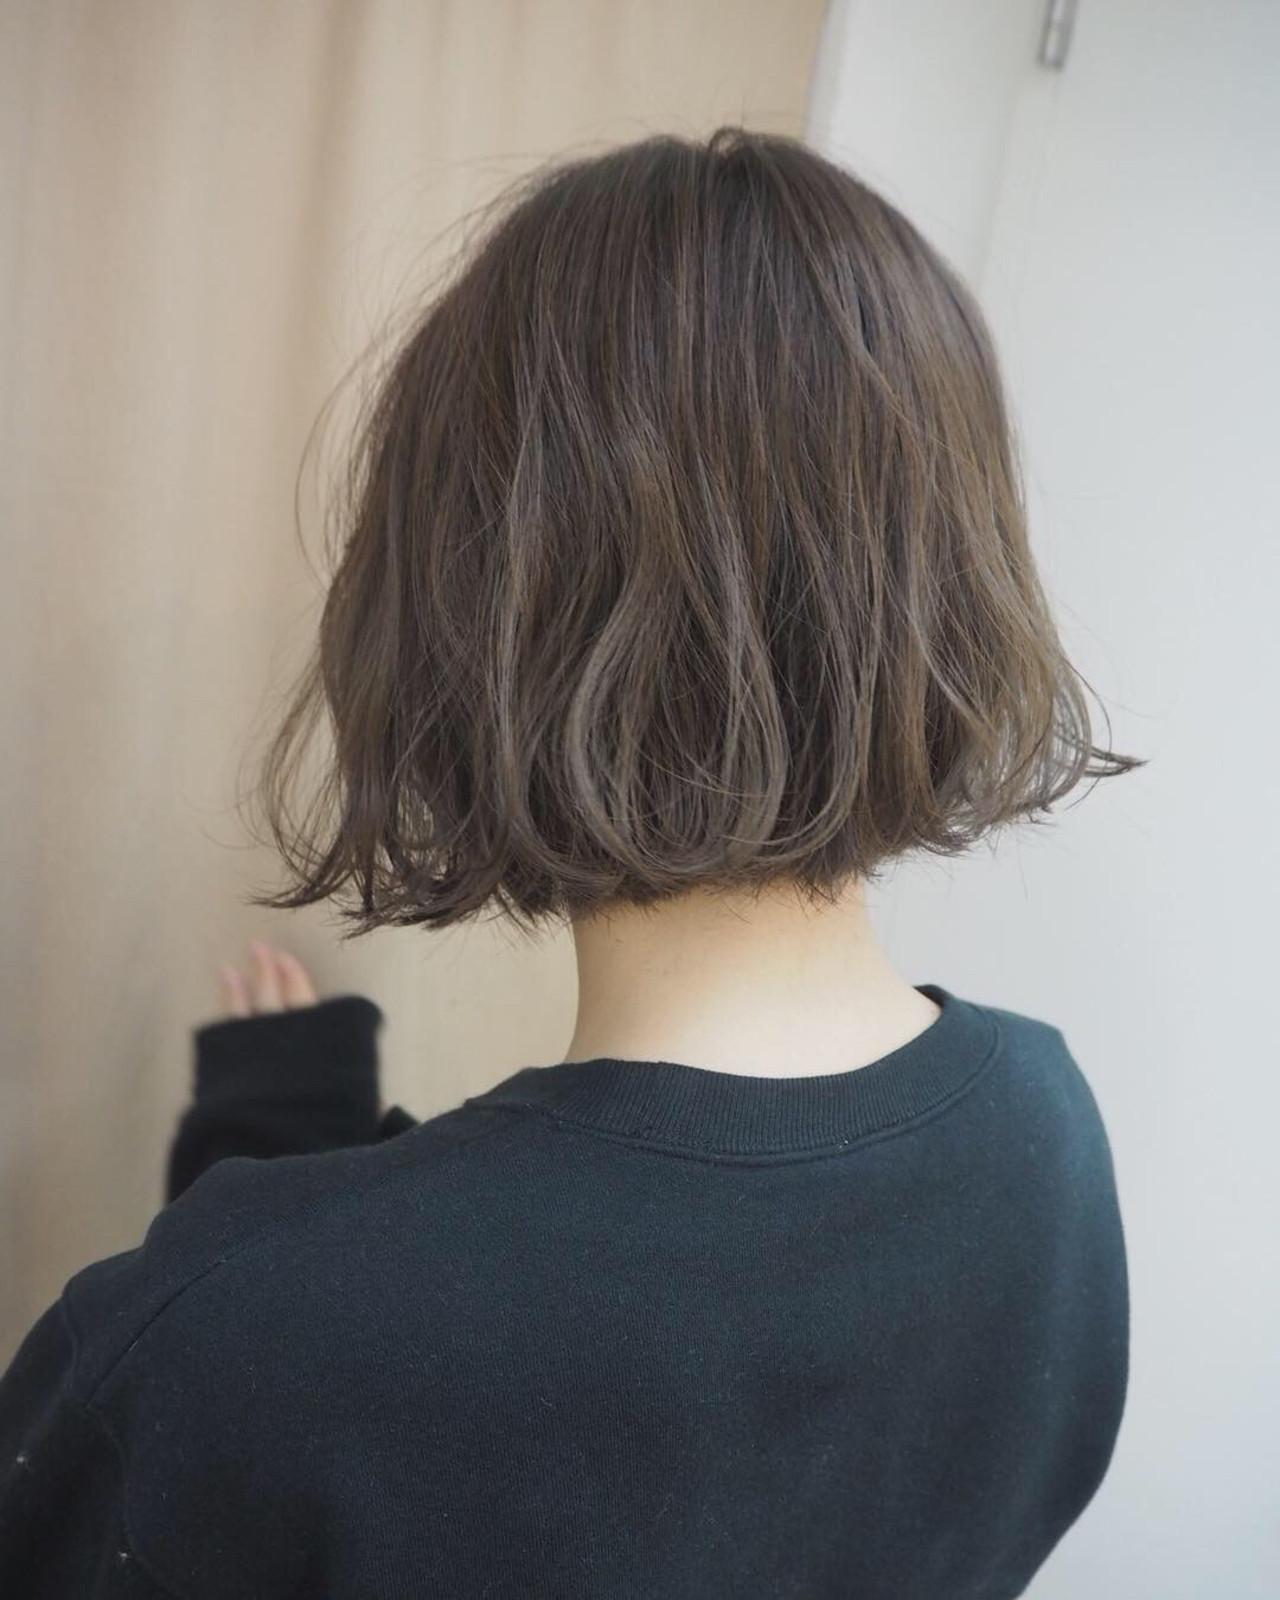 髪のツヤがないと明るくても無意味 宮迫 真美airfeel